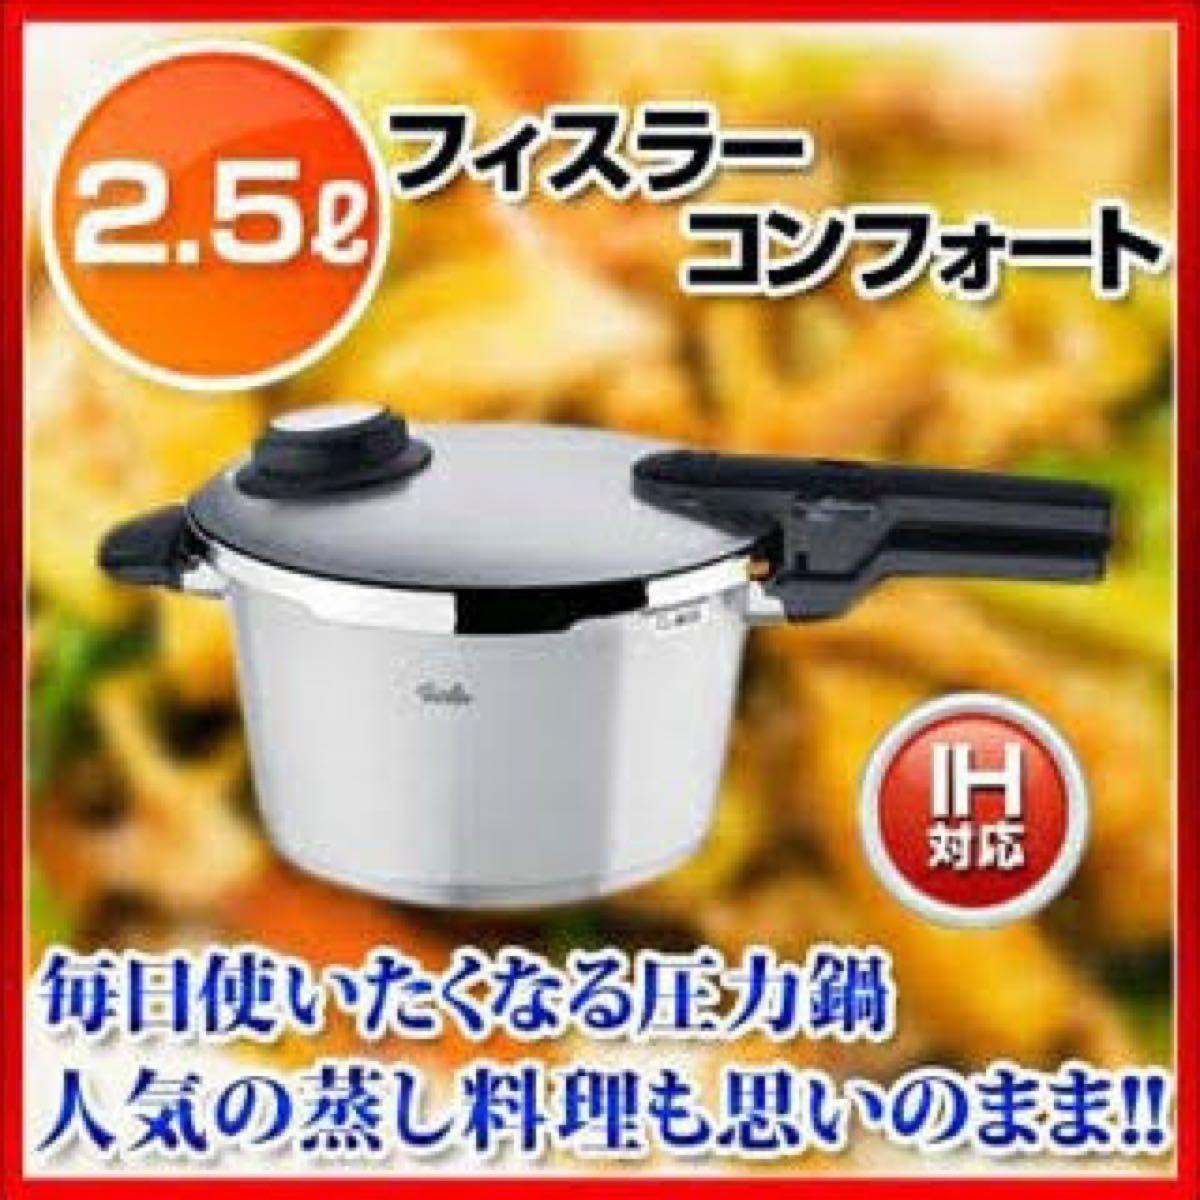 フィスラー コンフォート圧力鍋 2.5L【 圧力鍋 IH IH対応 】